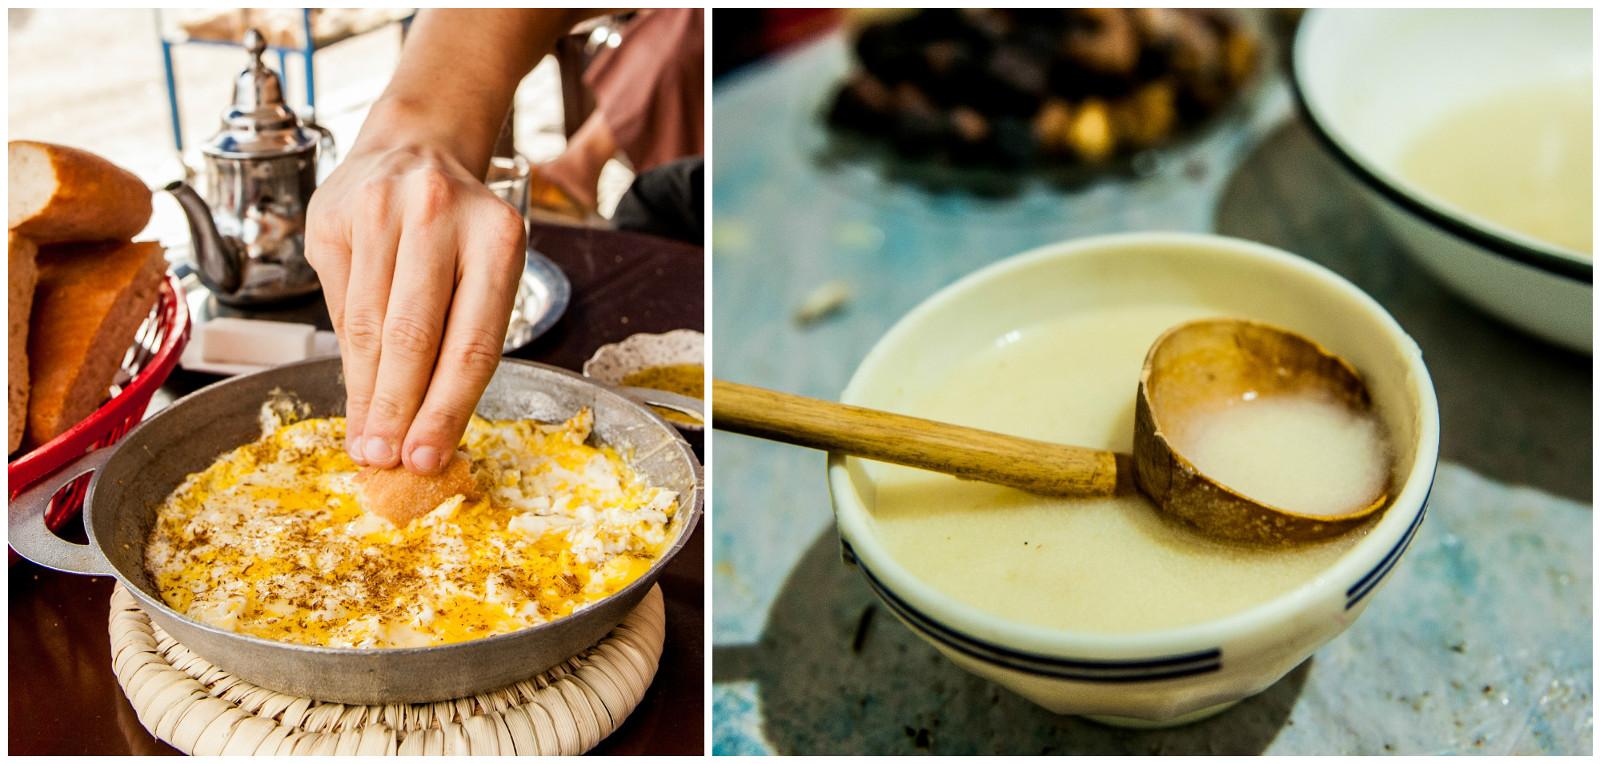 A to jużmenu śniadaniowe. Omlet i coś w rodzaju kaszy manny. Niestety śniadaniowa kaszka po marokańsku jest koszmarnie słona.